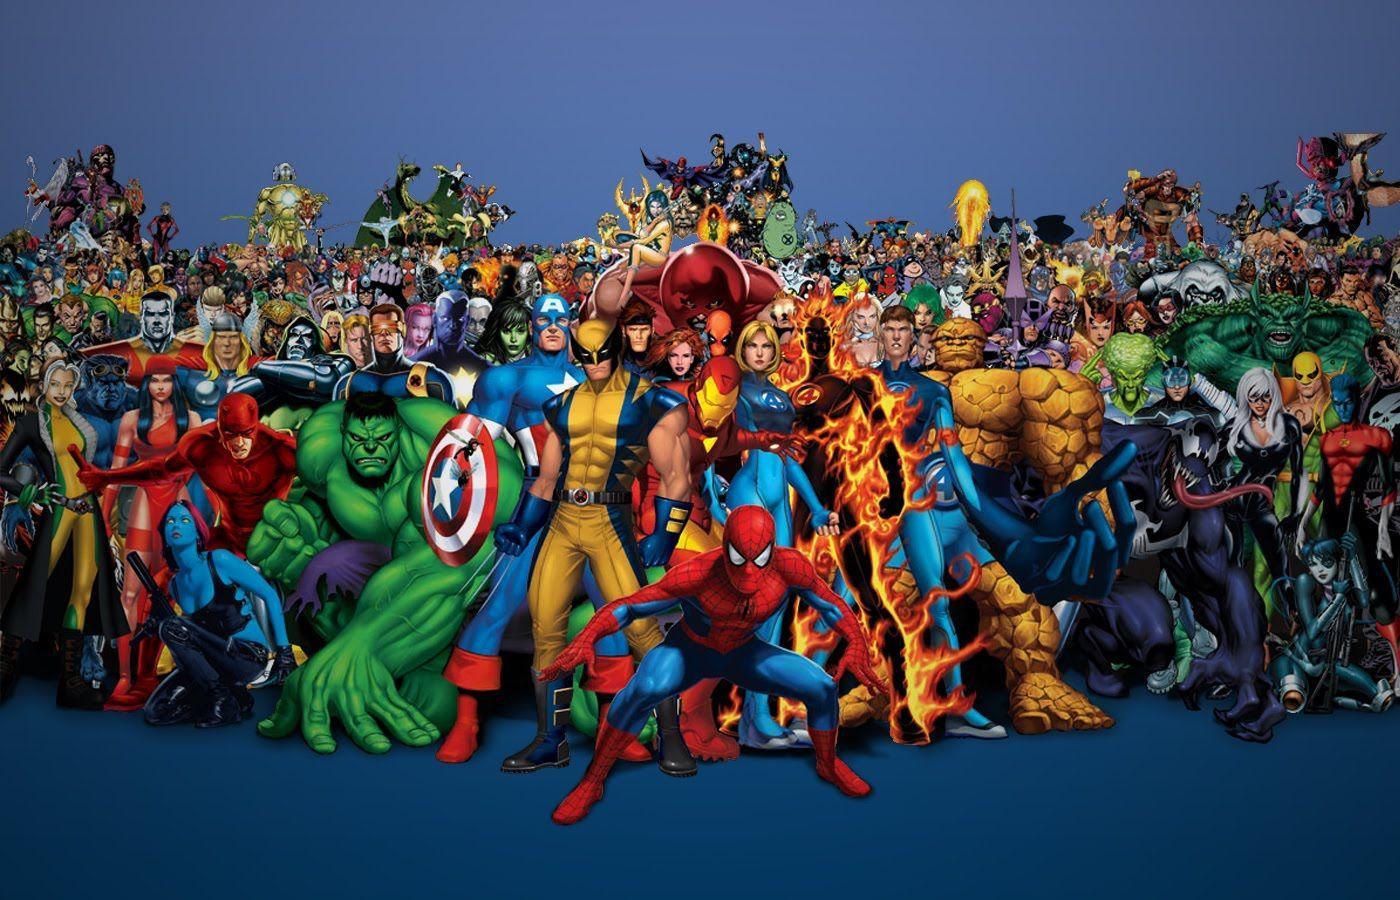 тому, марвел фото всех героев по одному того, как